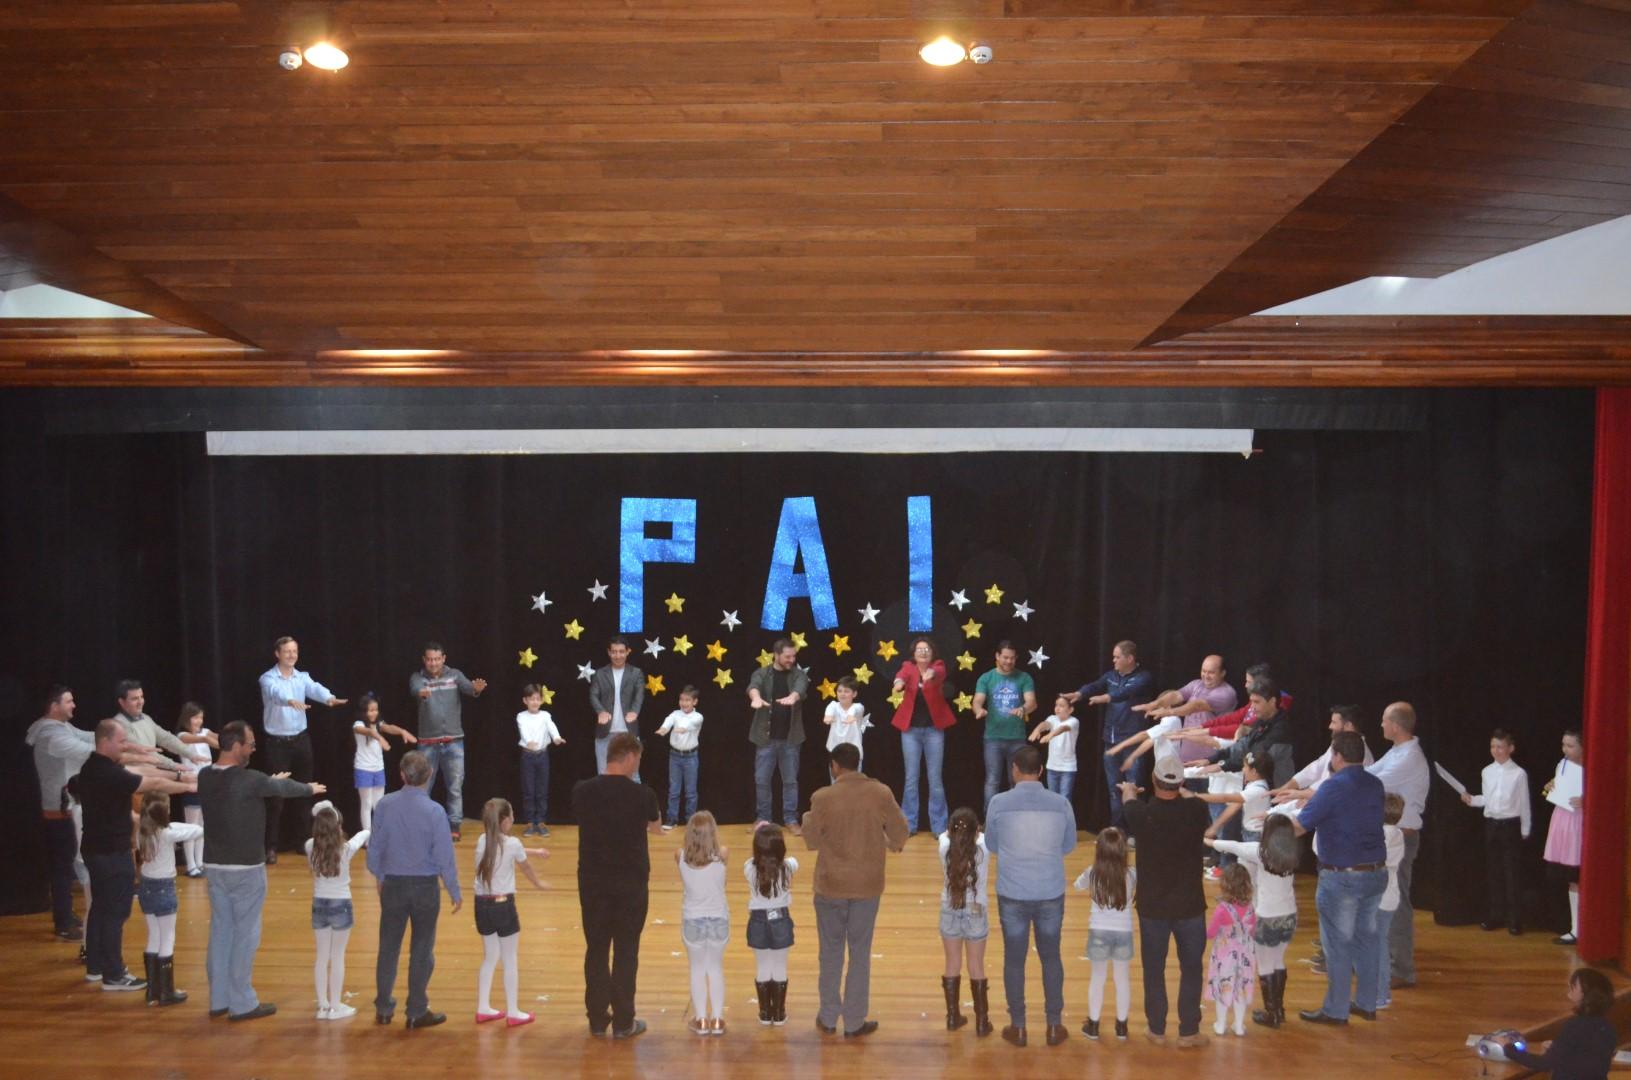 Homenagem Dia dos Pais - Colégio Imperatriz - 13/08/17Homenagem Dia dos Pais - Colégio Imperatriz - 13/08/17